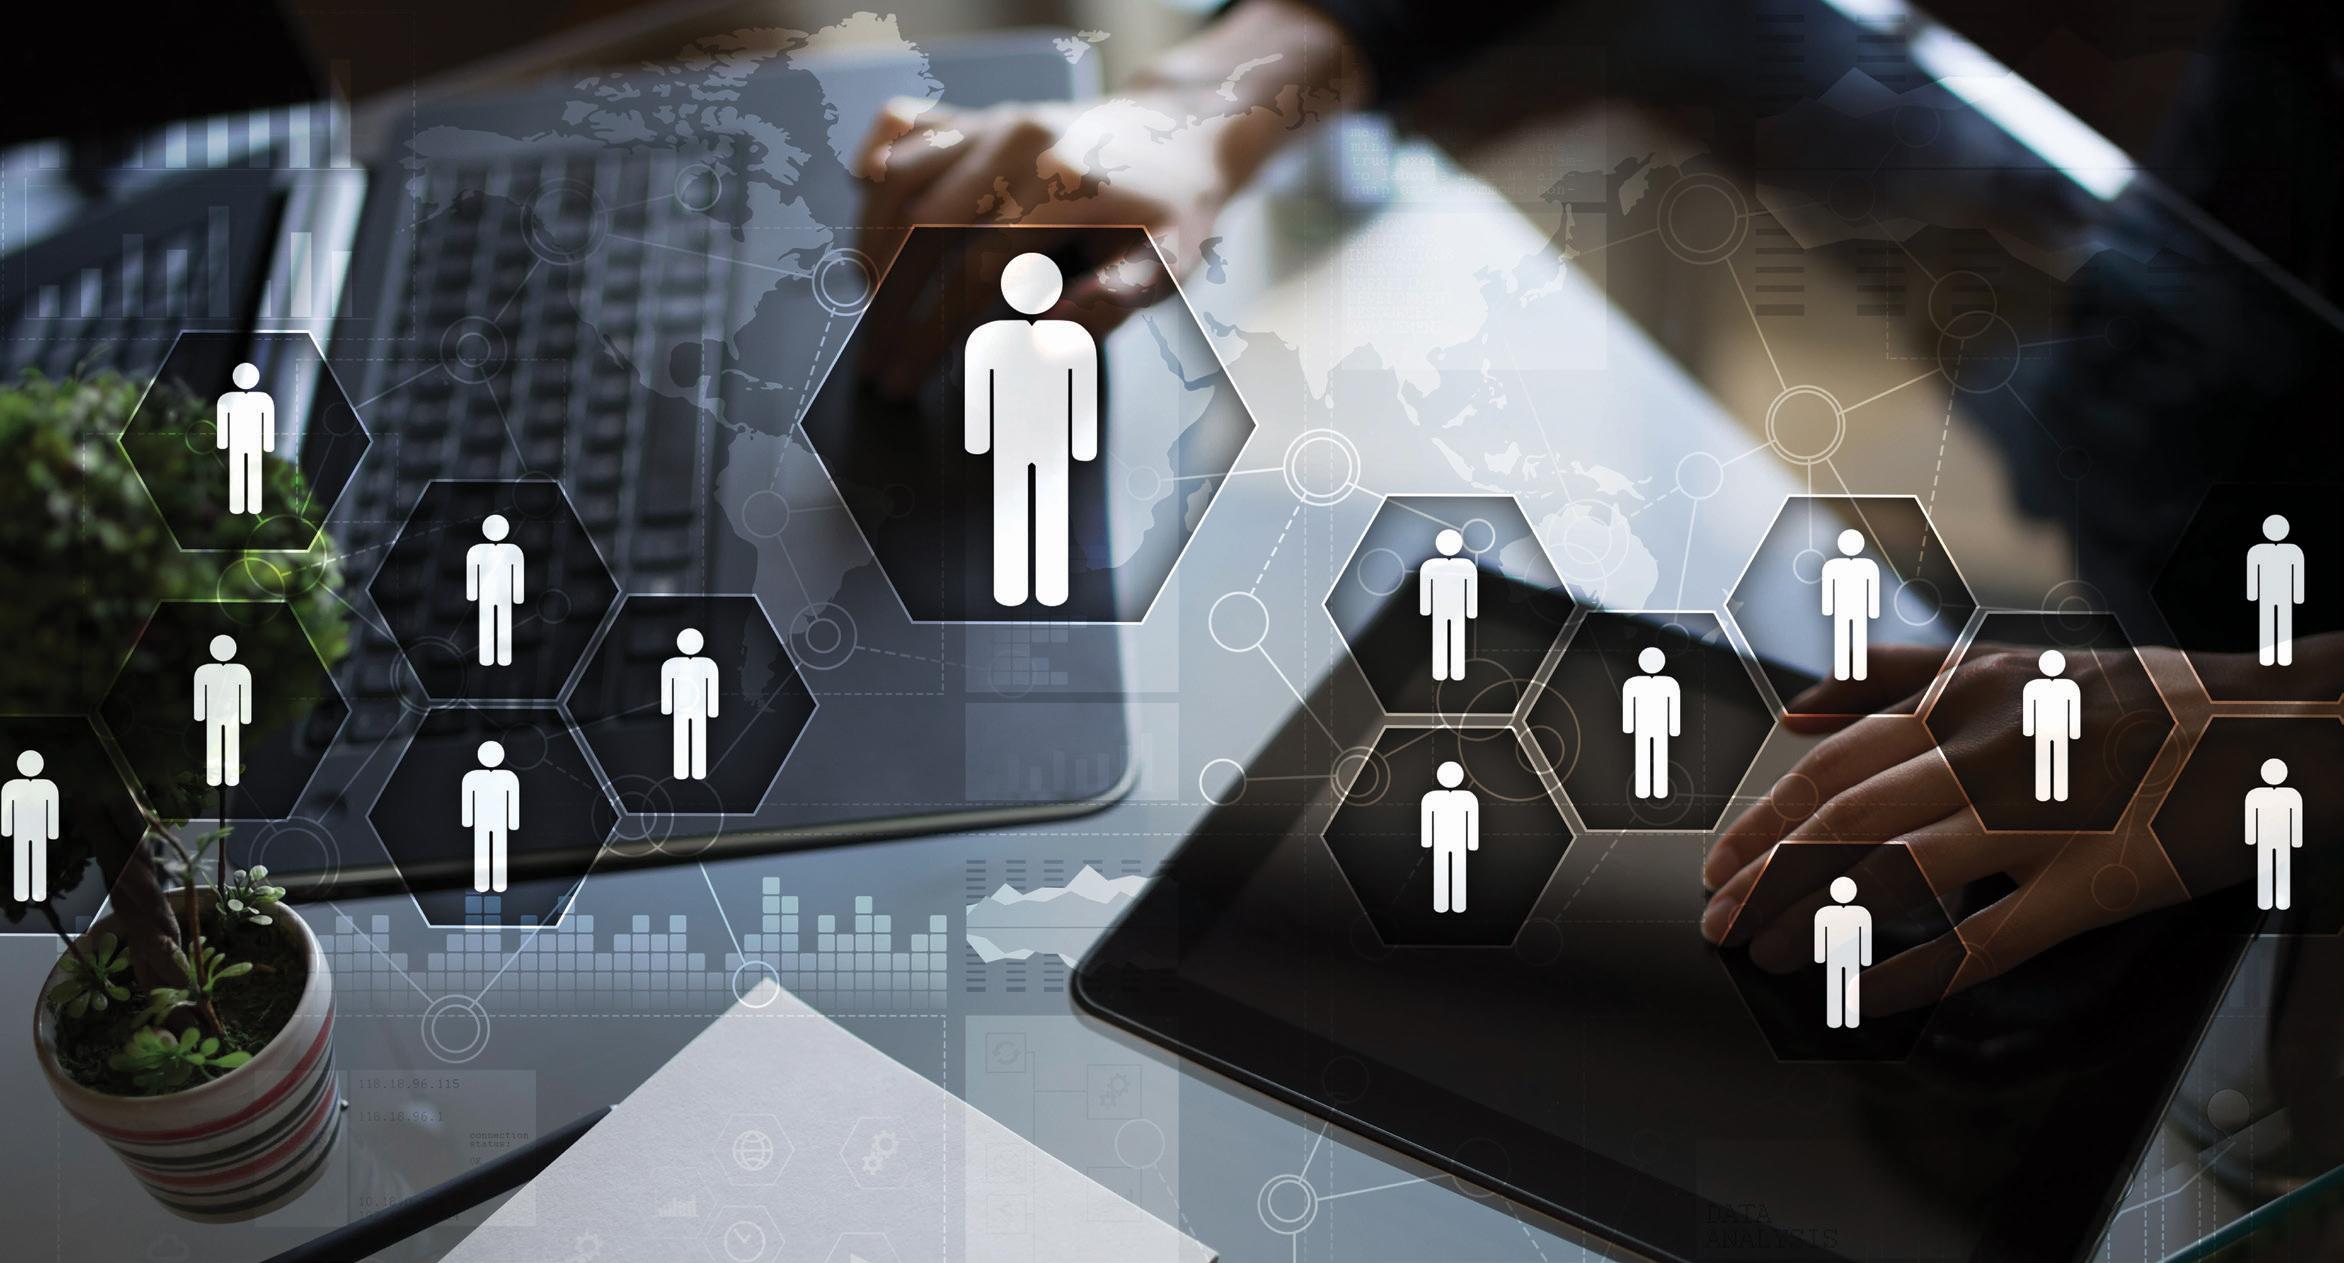 İNSAN KAYNAKLARINDA KULLANILAN TEKNOLOJILERIN DEĞIŞIMI - İnsan Kaynakları - Mono – Ortadoğu Holding Kurumsal İletişim Mecrası